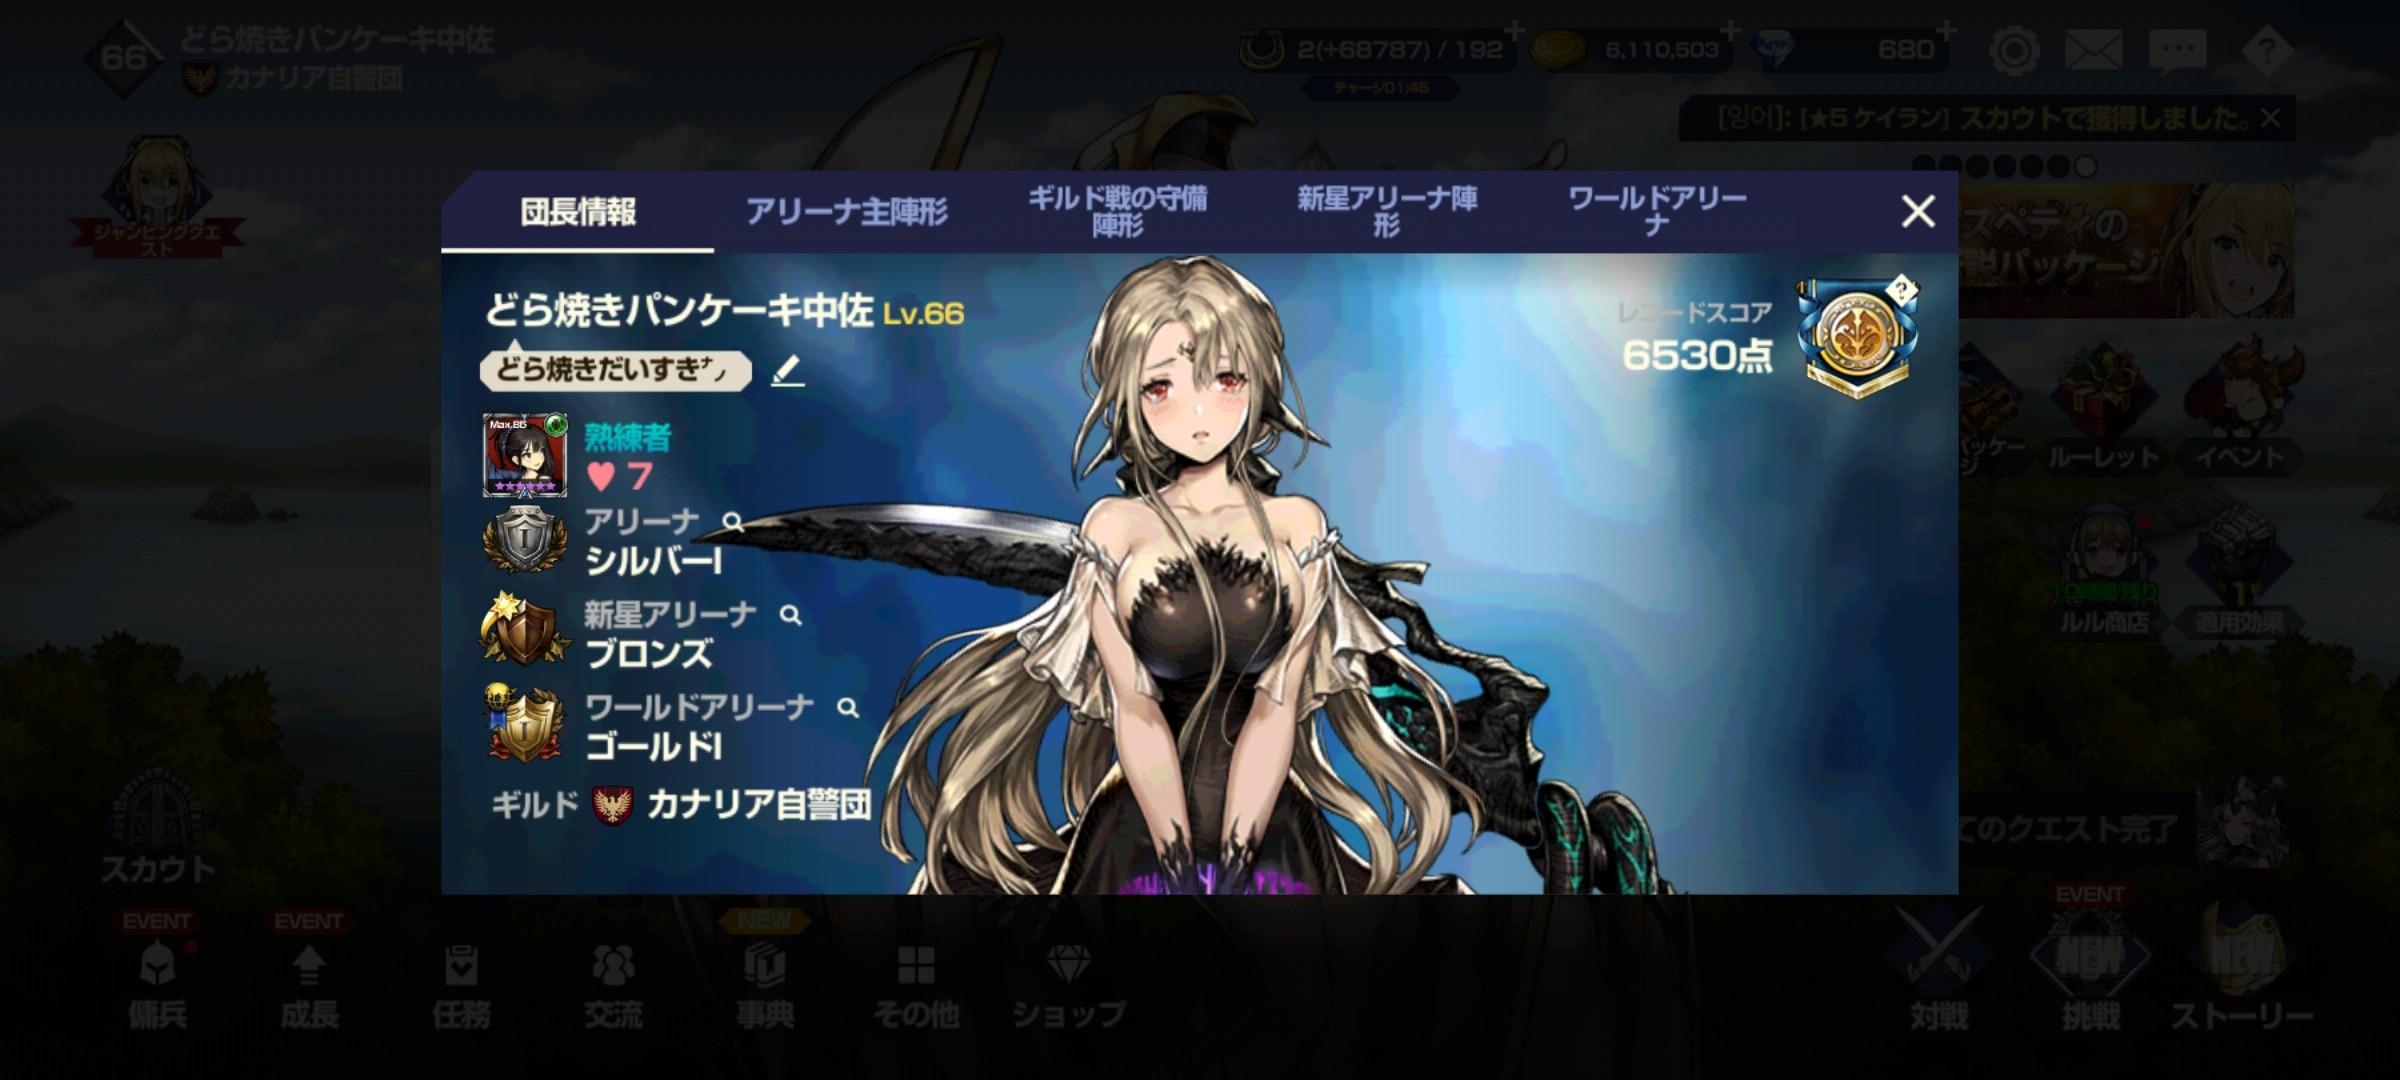 f:id:kotobukinatsuodorayaki:20210510003535j:image